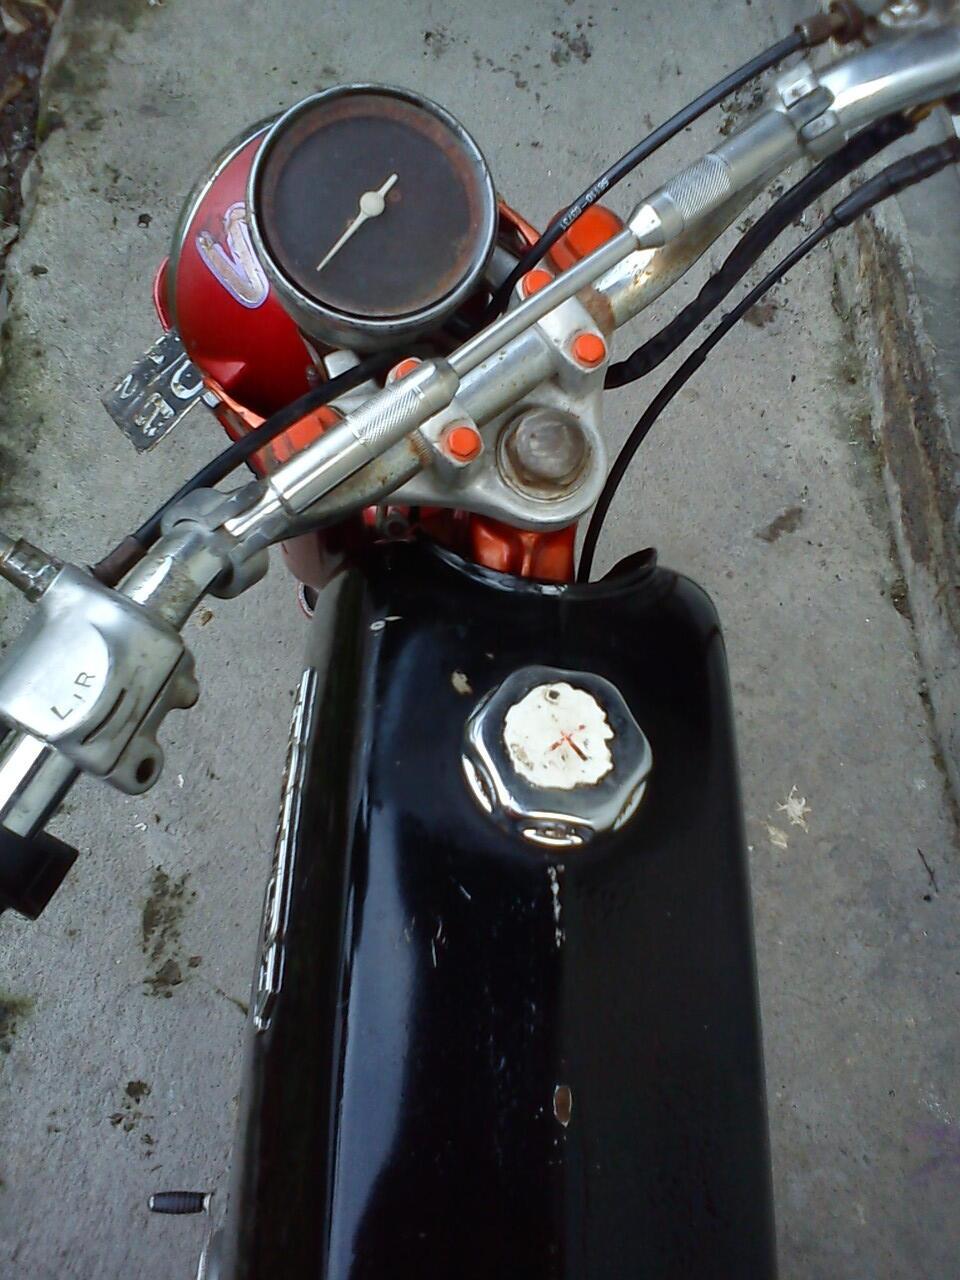 Honda Benly s110 1974 Semarang